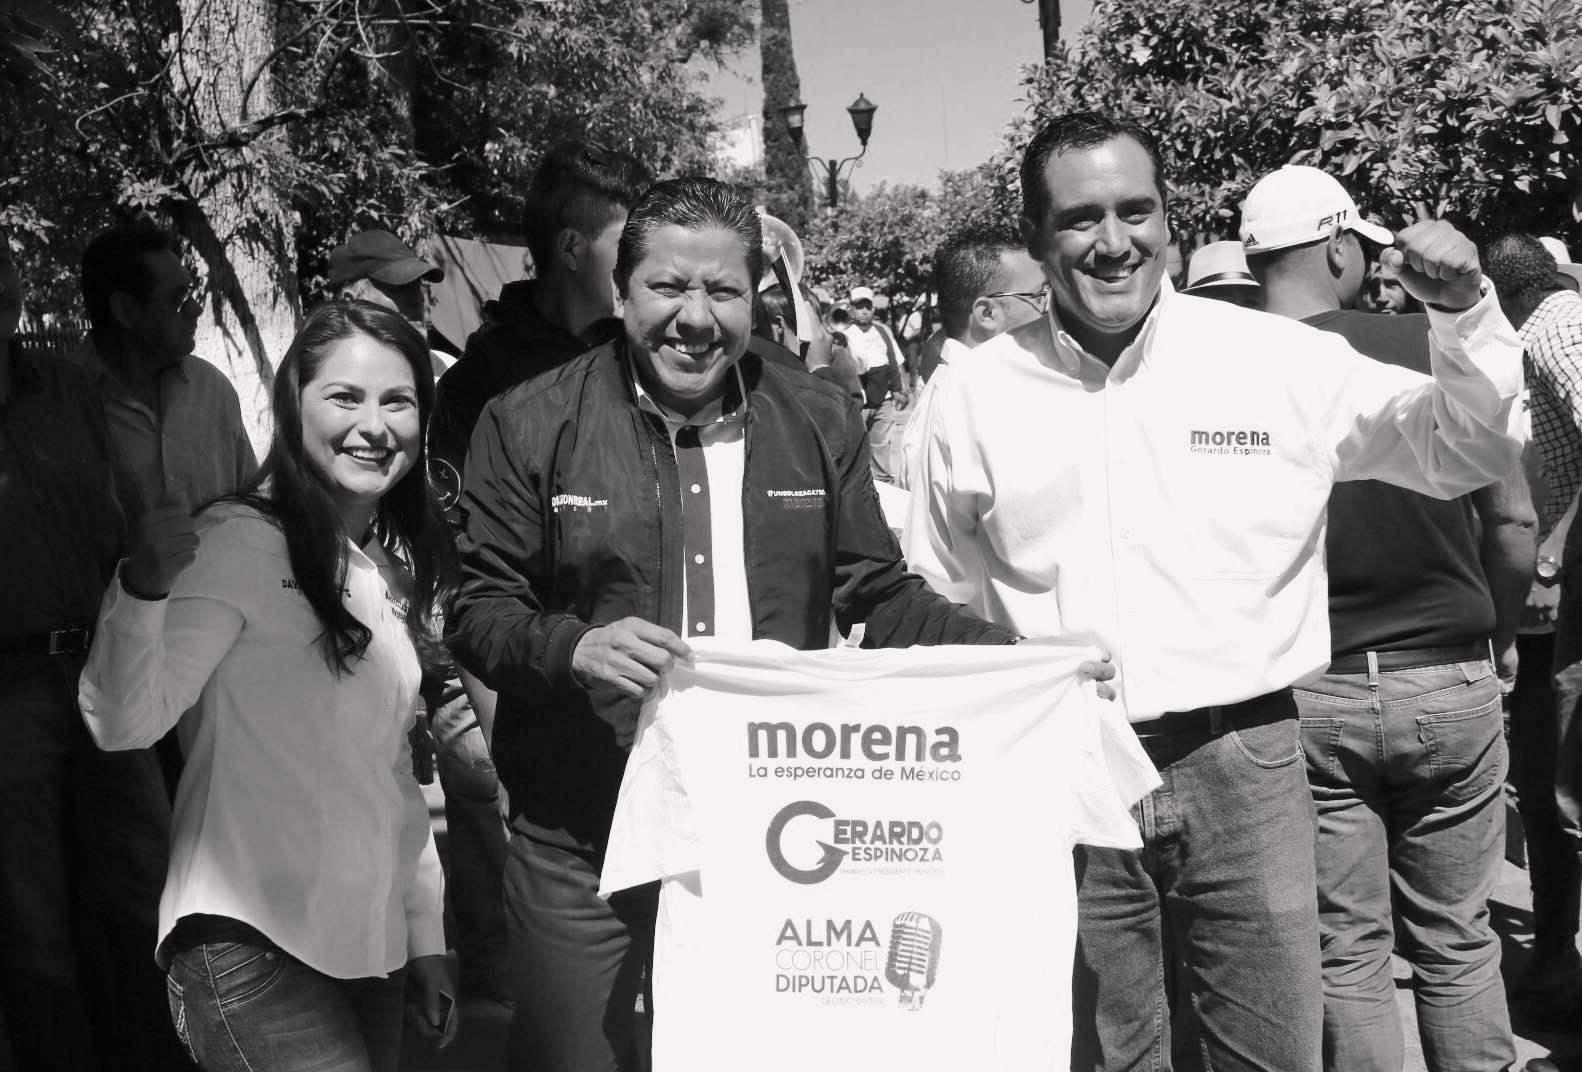 El triunfo de Morena en Zacatecas será la puerta para la democracia en el país